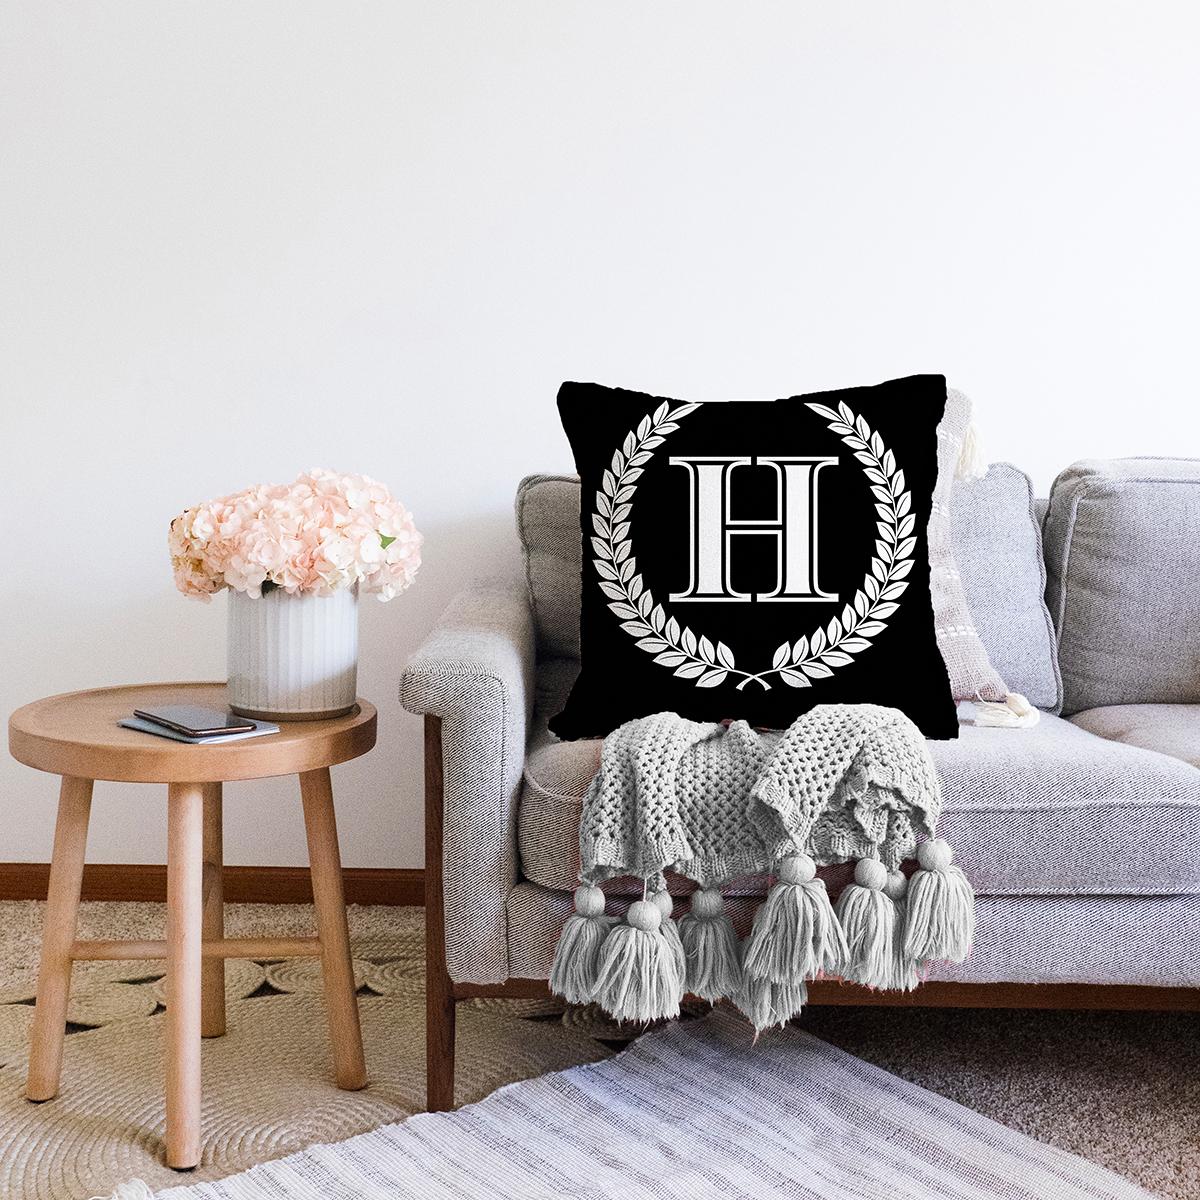 Siyah Beyaz Çelenkli H Harfi Özel Tasarım Dijital Baskılı Şönil Yastık Kırlent Kılıfı Realhomes